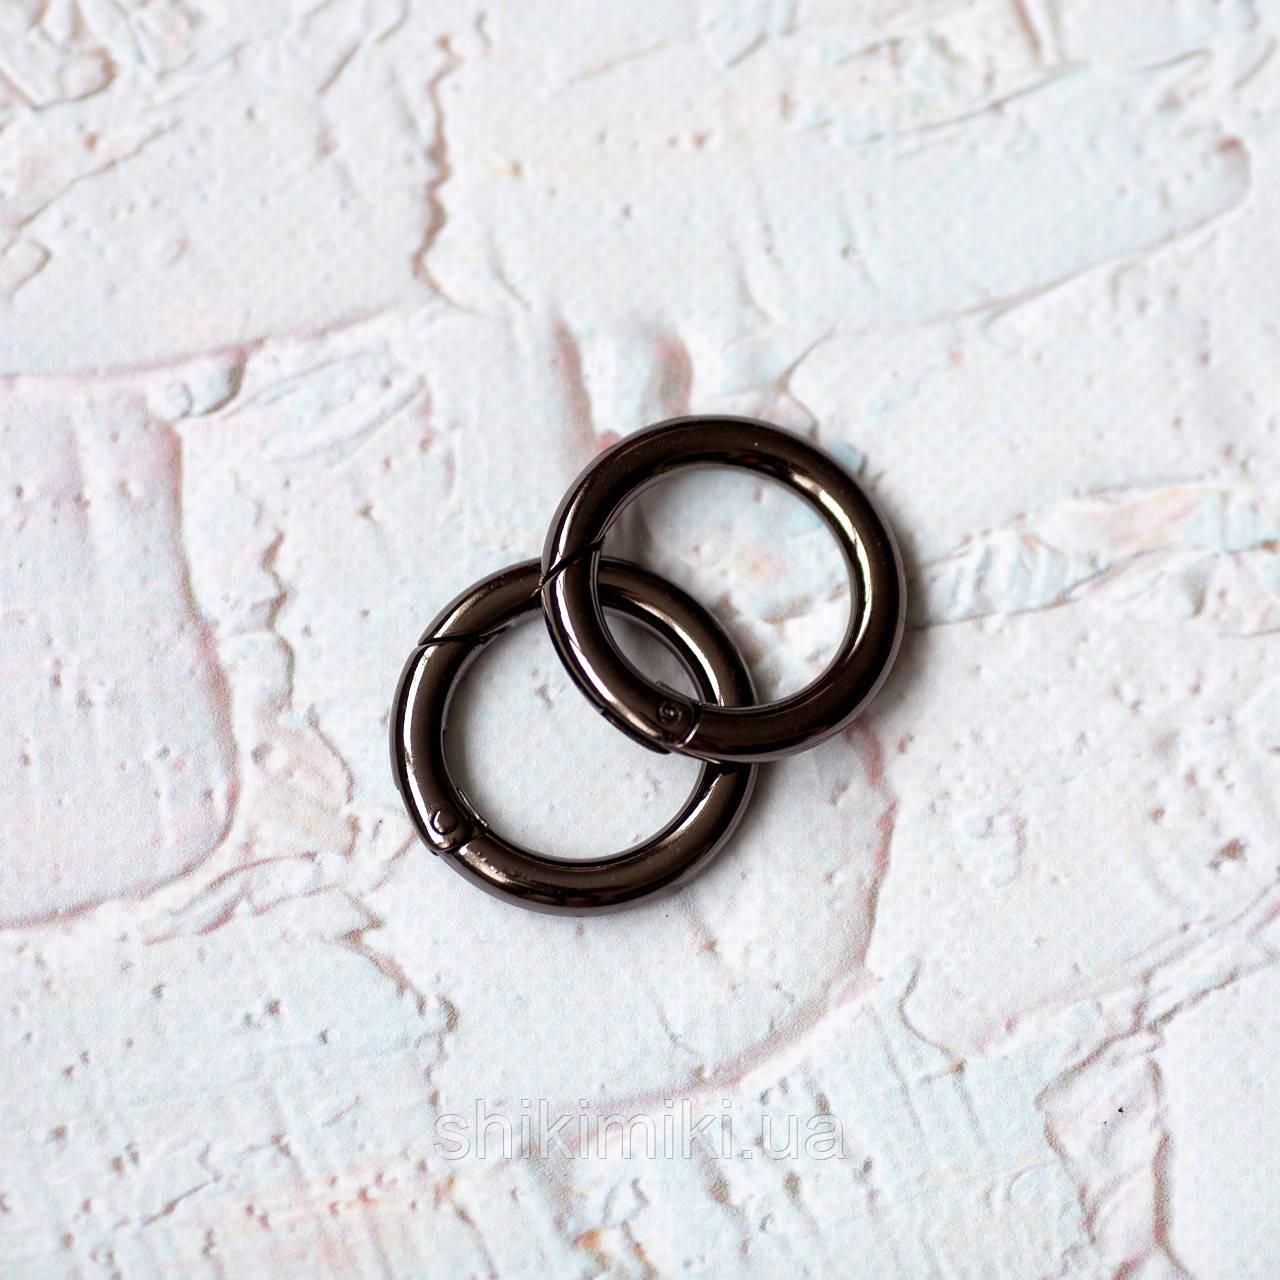 Кольцо-карабин KK01-22 (25 мм), цвет темный никель